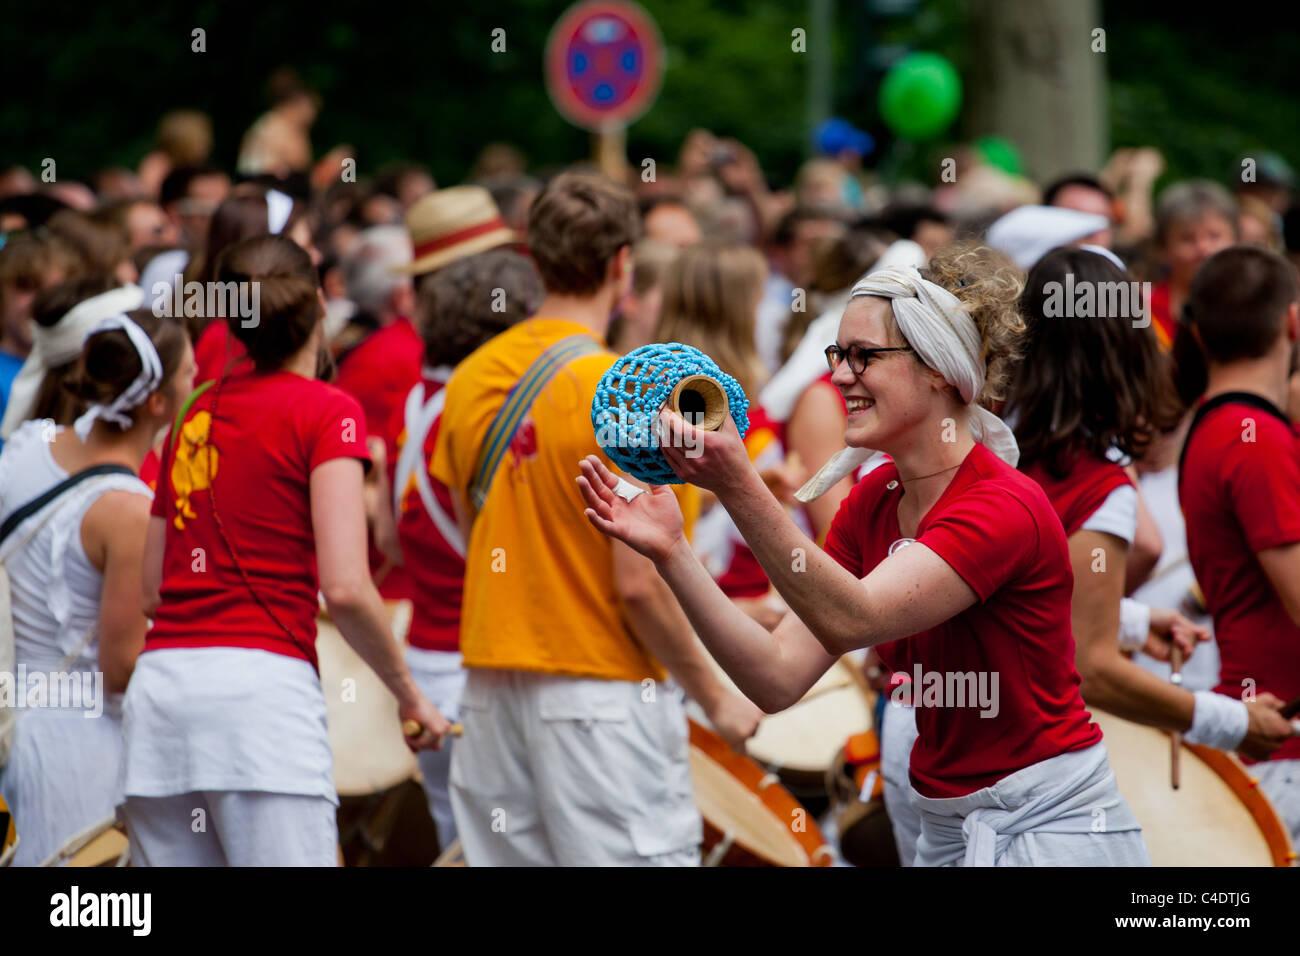 Karneval der Kulturen, Trommeln, Trommeln, Berlin, Festival, Menschen, Menschenmenge, Frauen, Street Parade, glücklich Stockbild